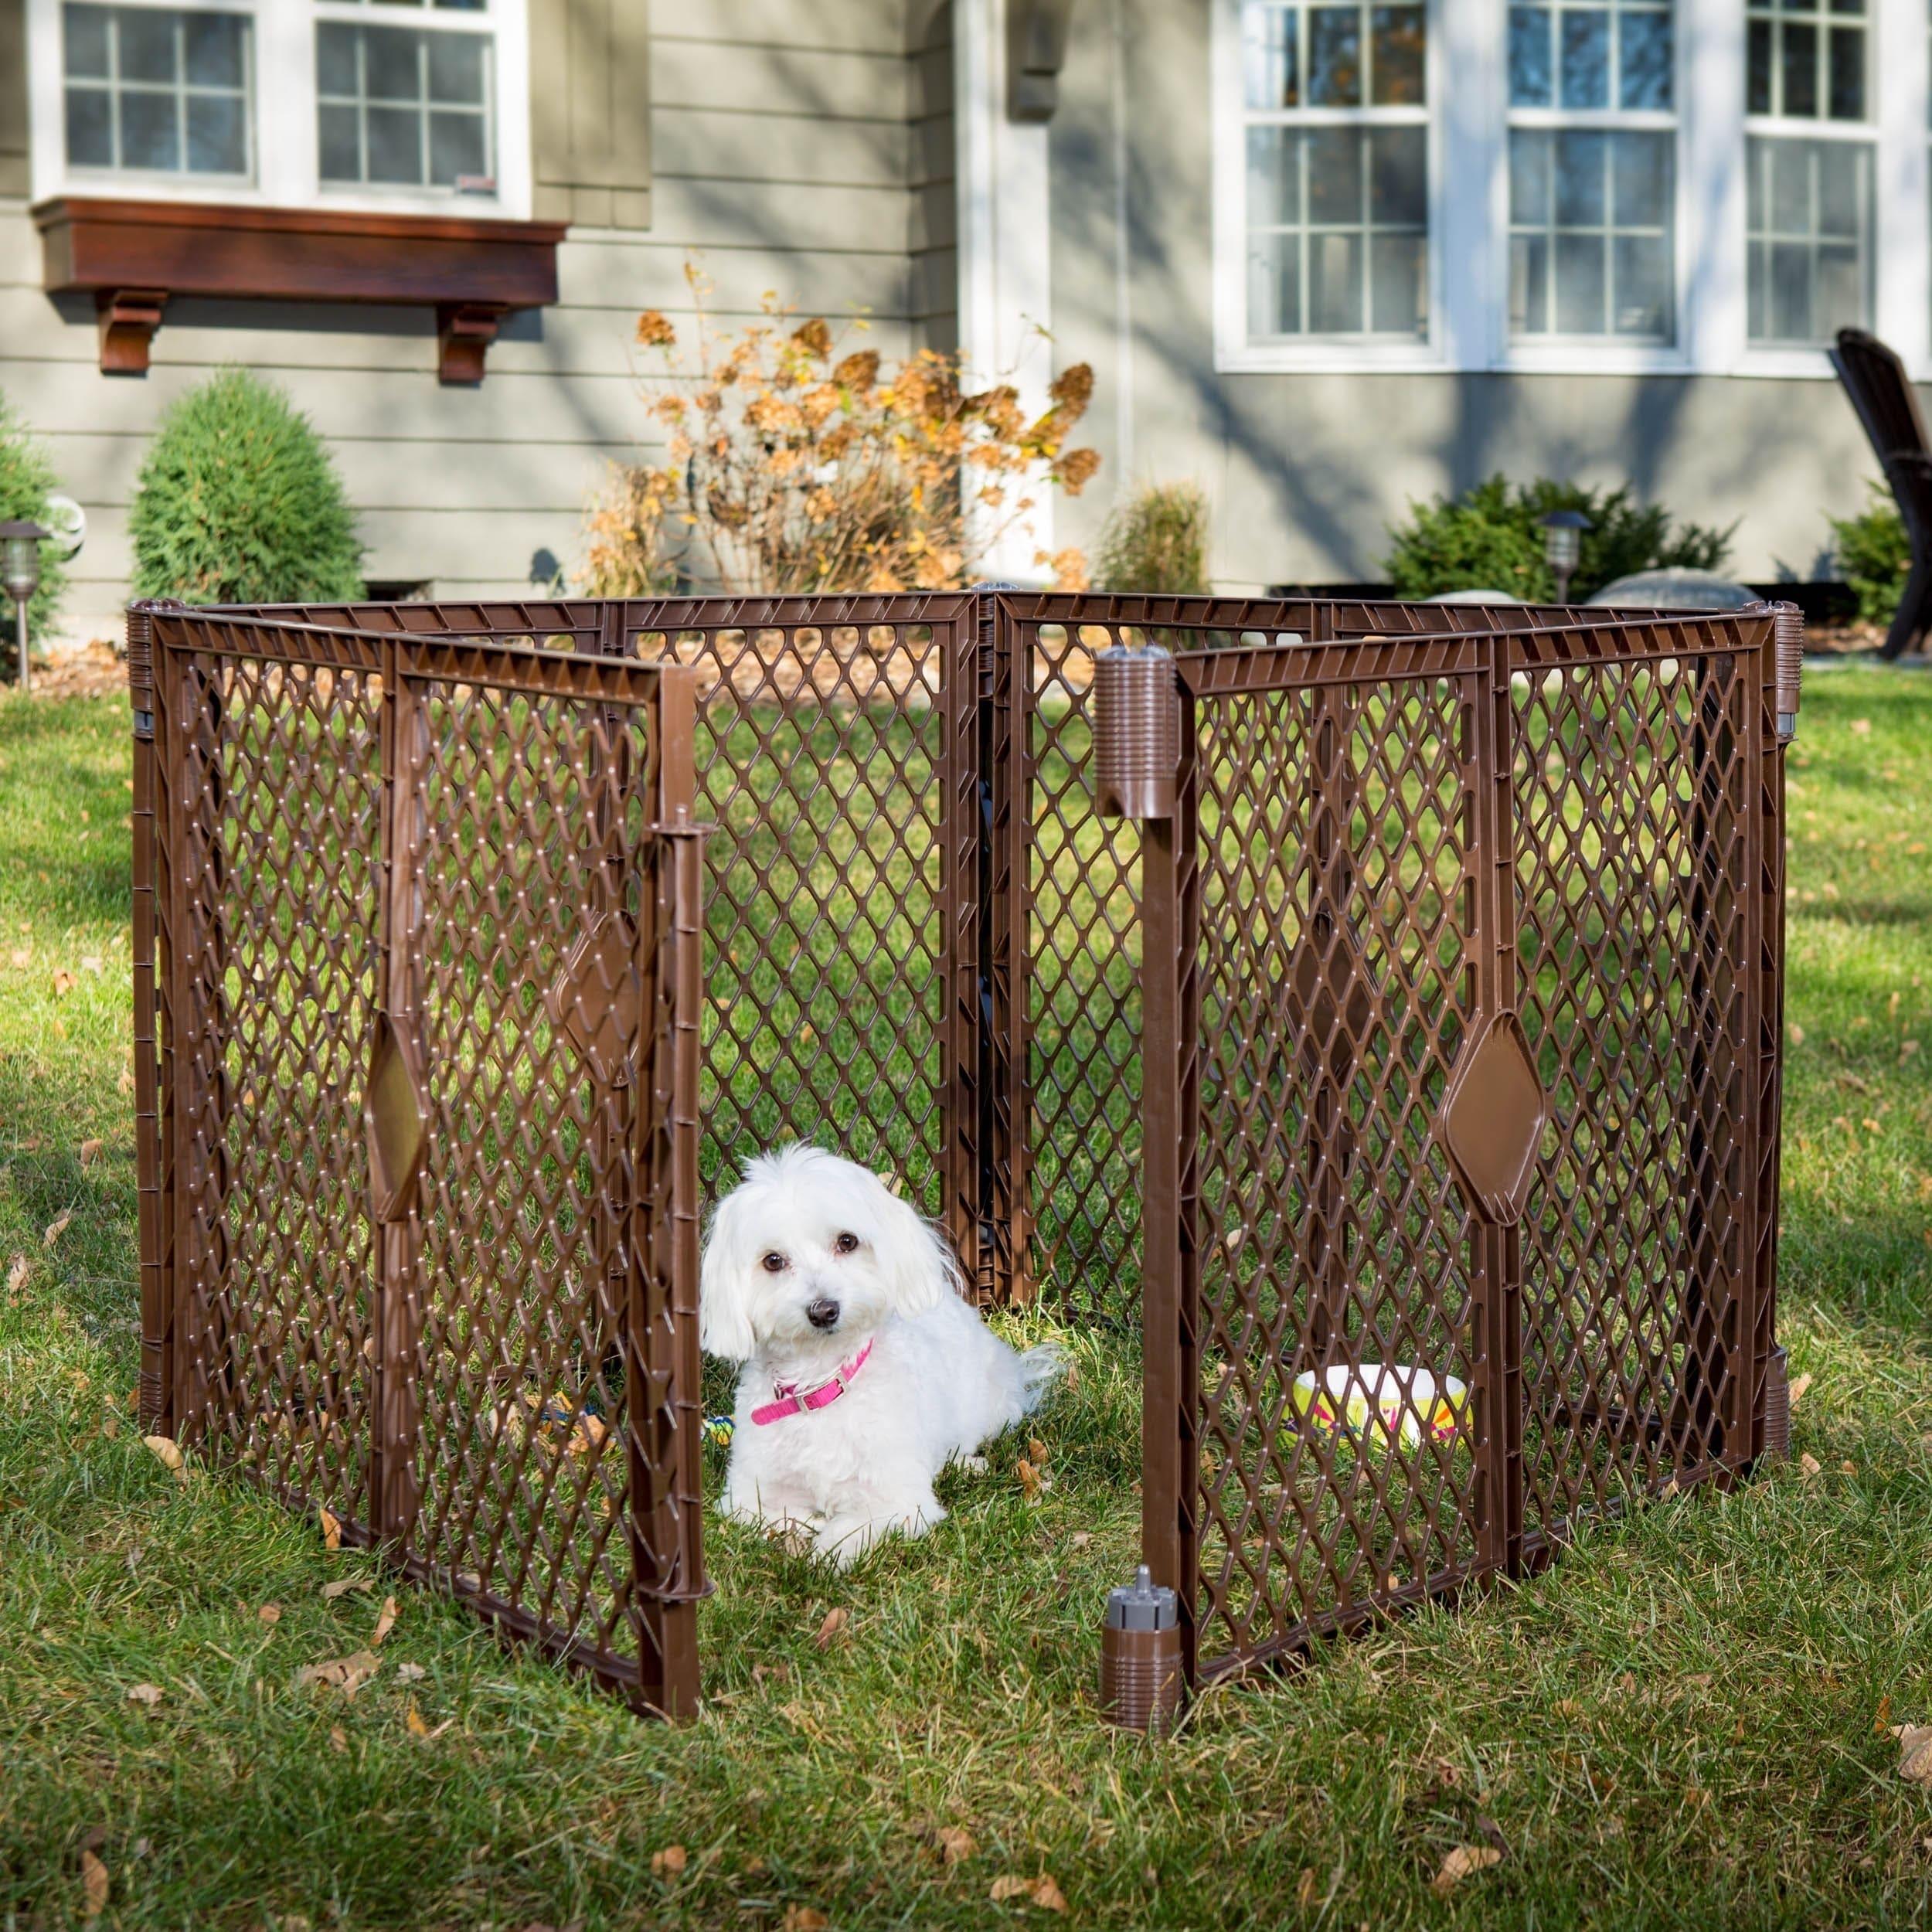 North States Stages Indoor Outdoor 4 Panel Petyard Pet Playpen